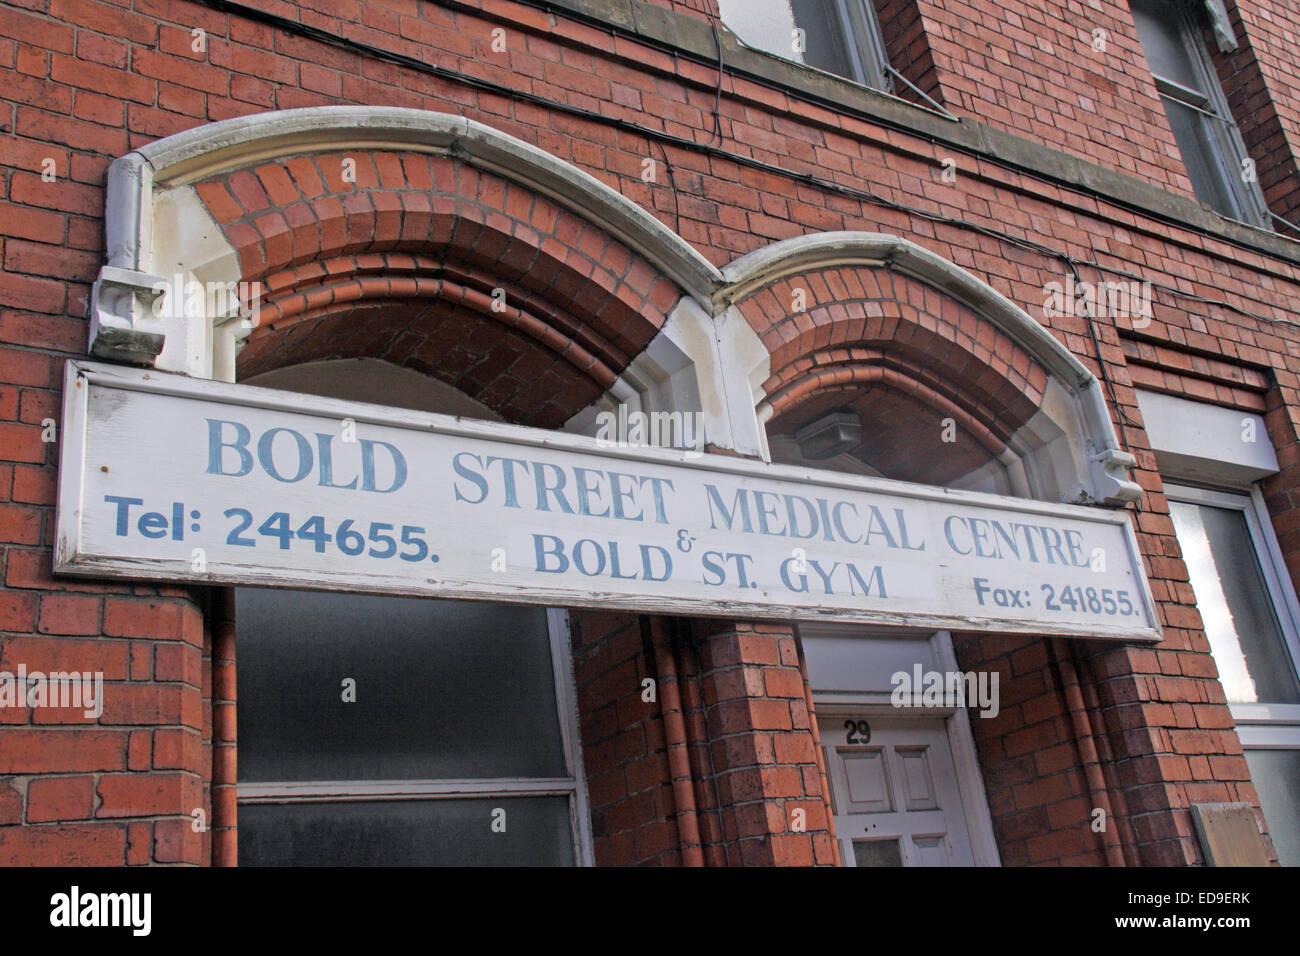 Medical Centre, Bold St, Warrington, Cheshire, England, UK - Stock Image